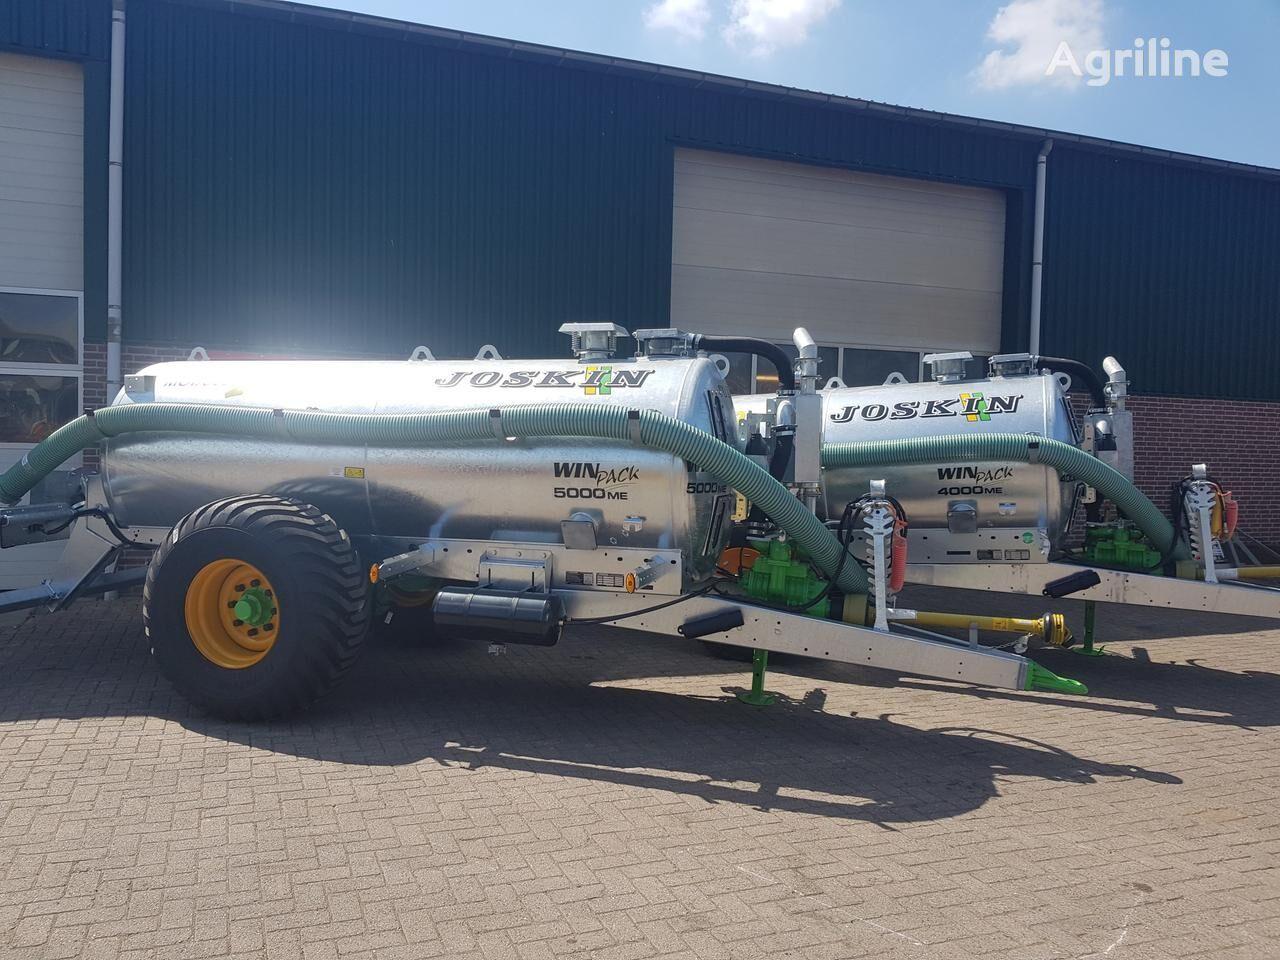 JOSKIN waterwagen MODULO2 5000 ME liquid manure spreader